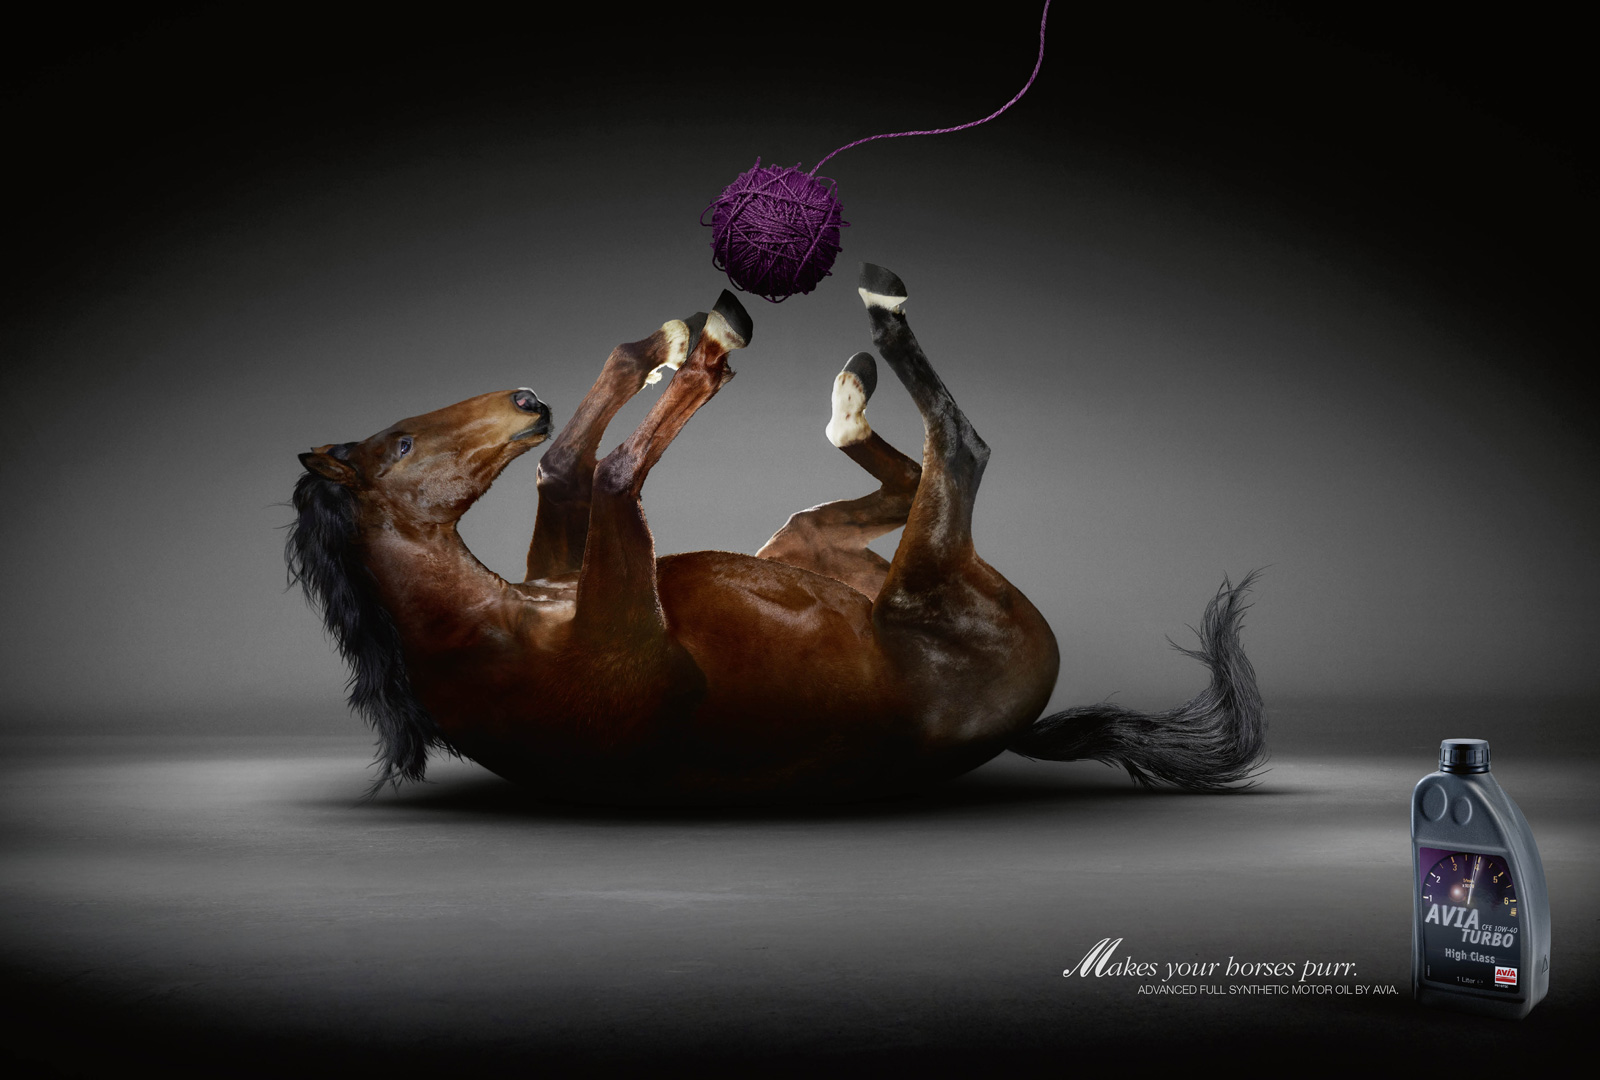 Avia-cheval-joue